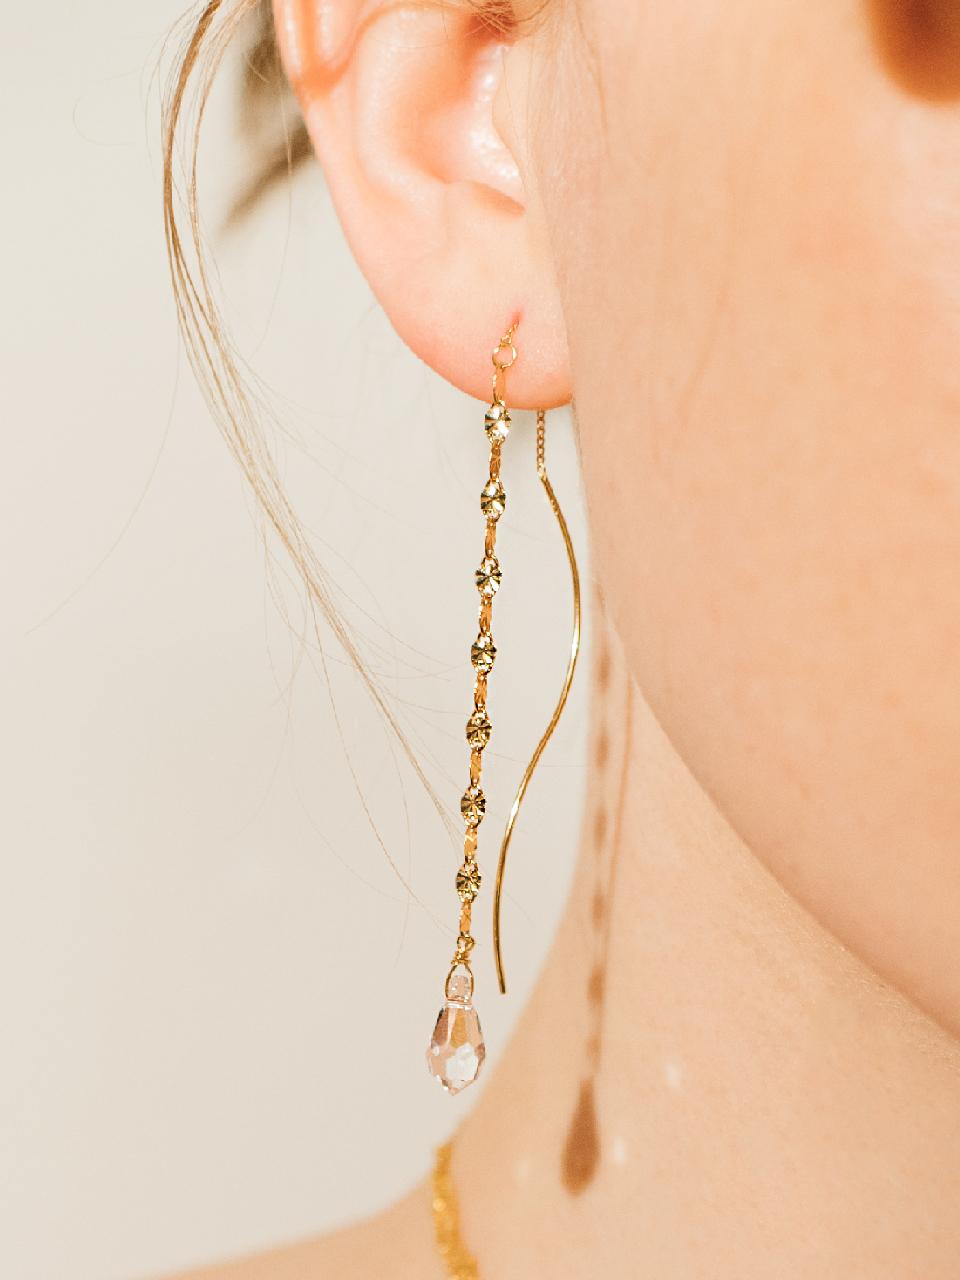 [제이레터]Silver Swarovski & Shining Chain Earrings